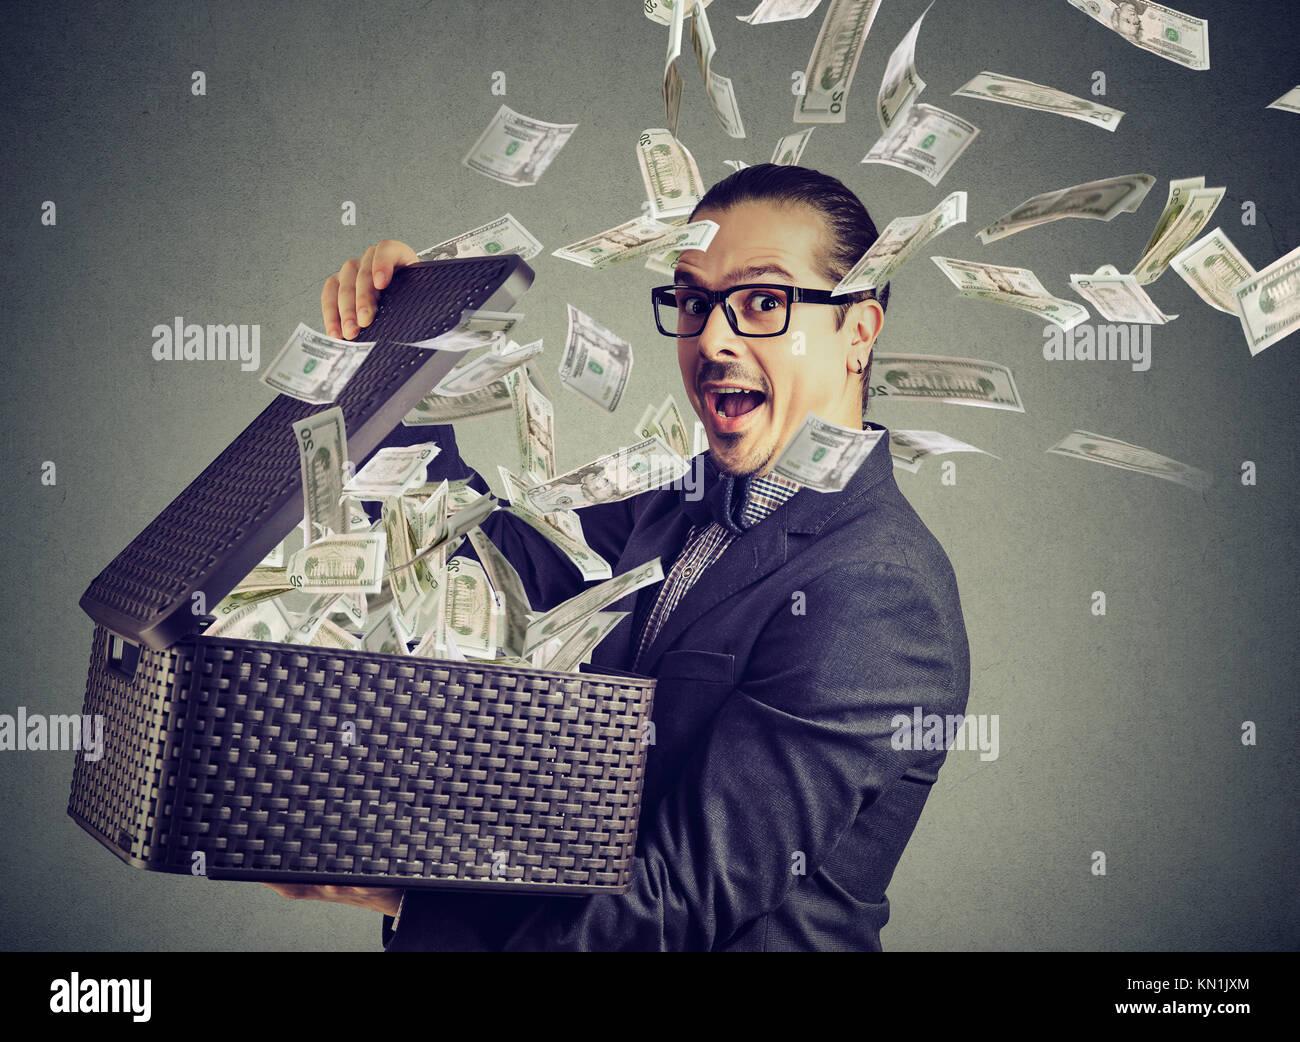 Heureux l'homme d'affaires réussi l'ouverture d'une boîte avec de l'argent s'envole Photo Stock